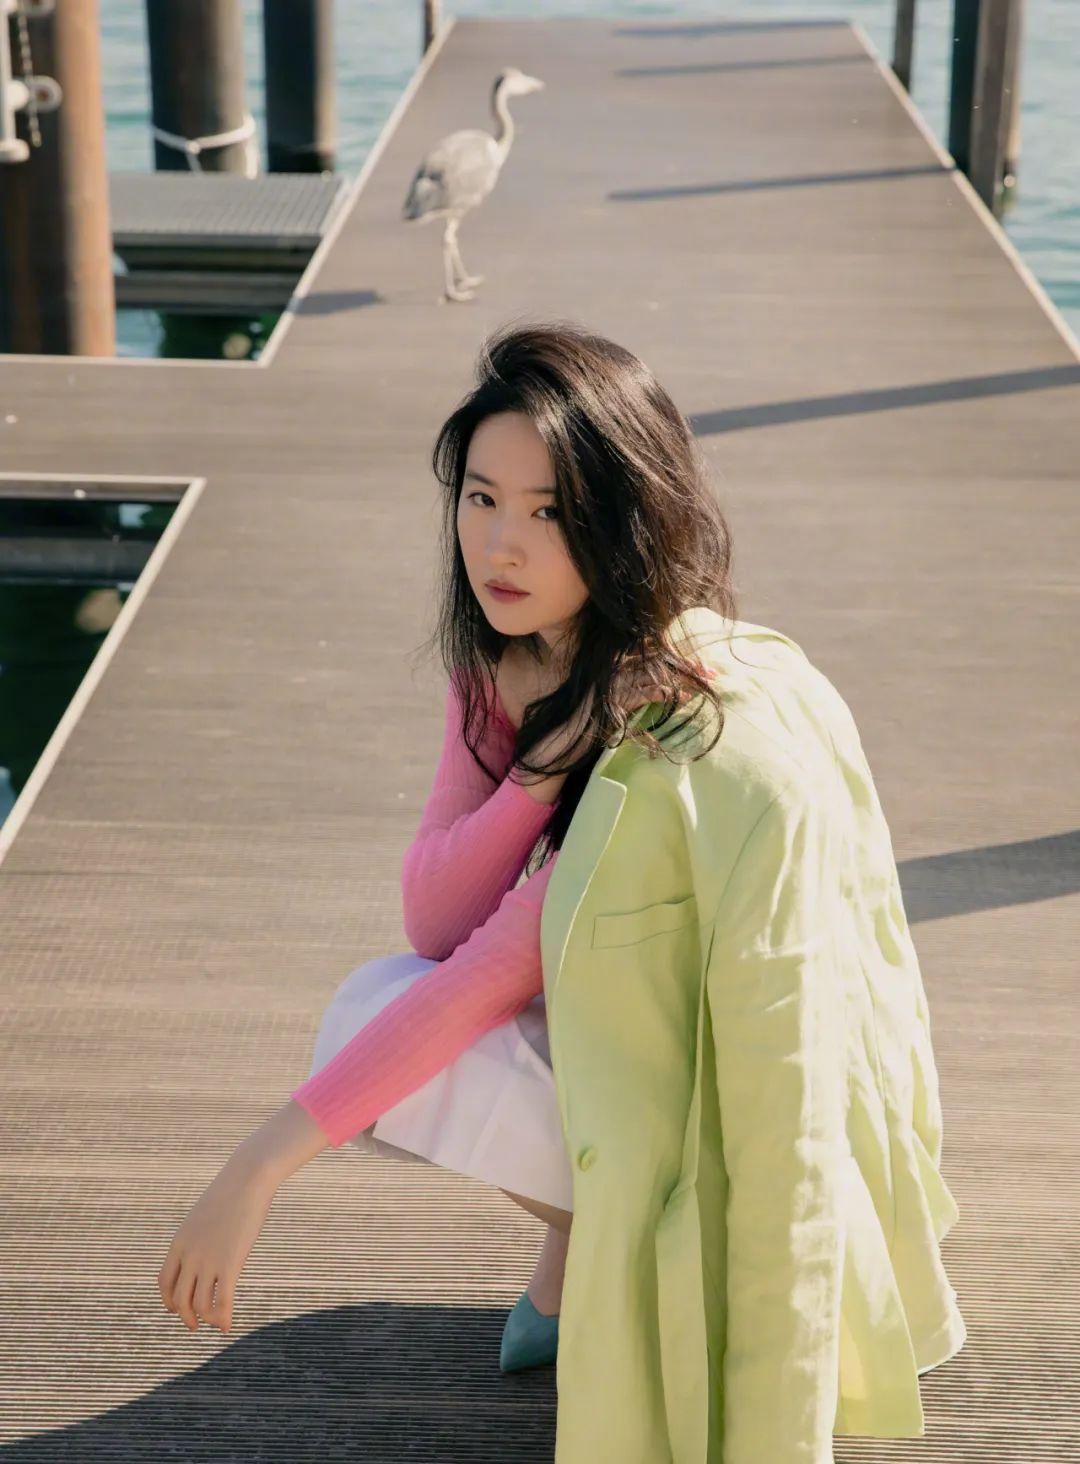 妹子写真 – 刘亦菲和佟丽娅,这个年纪的知性美!_图片 No.12